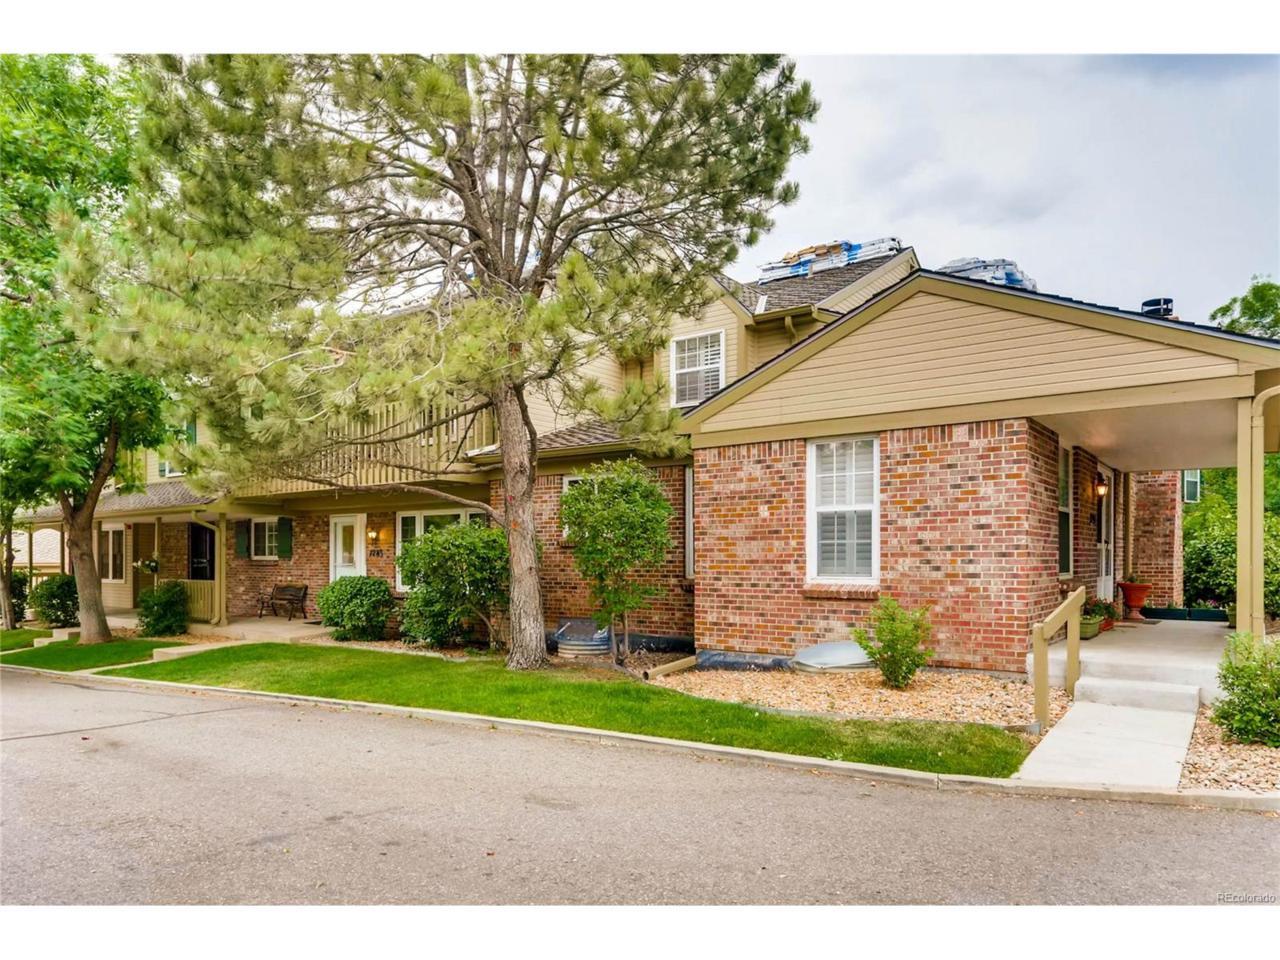 7285 E Bentley Circle, Centennial, CO 80112 (MLS #1986772) :: 8z Real Estate